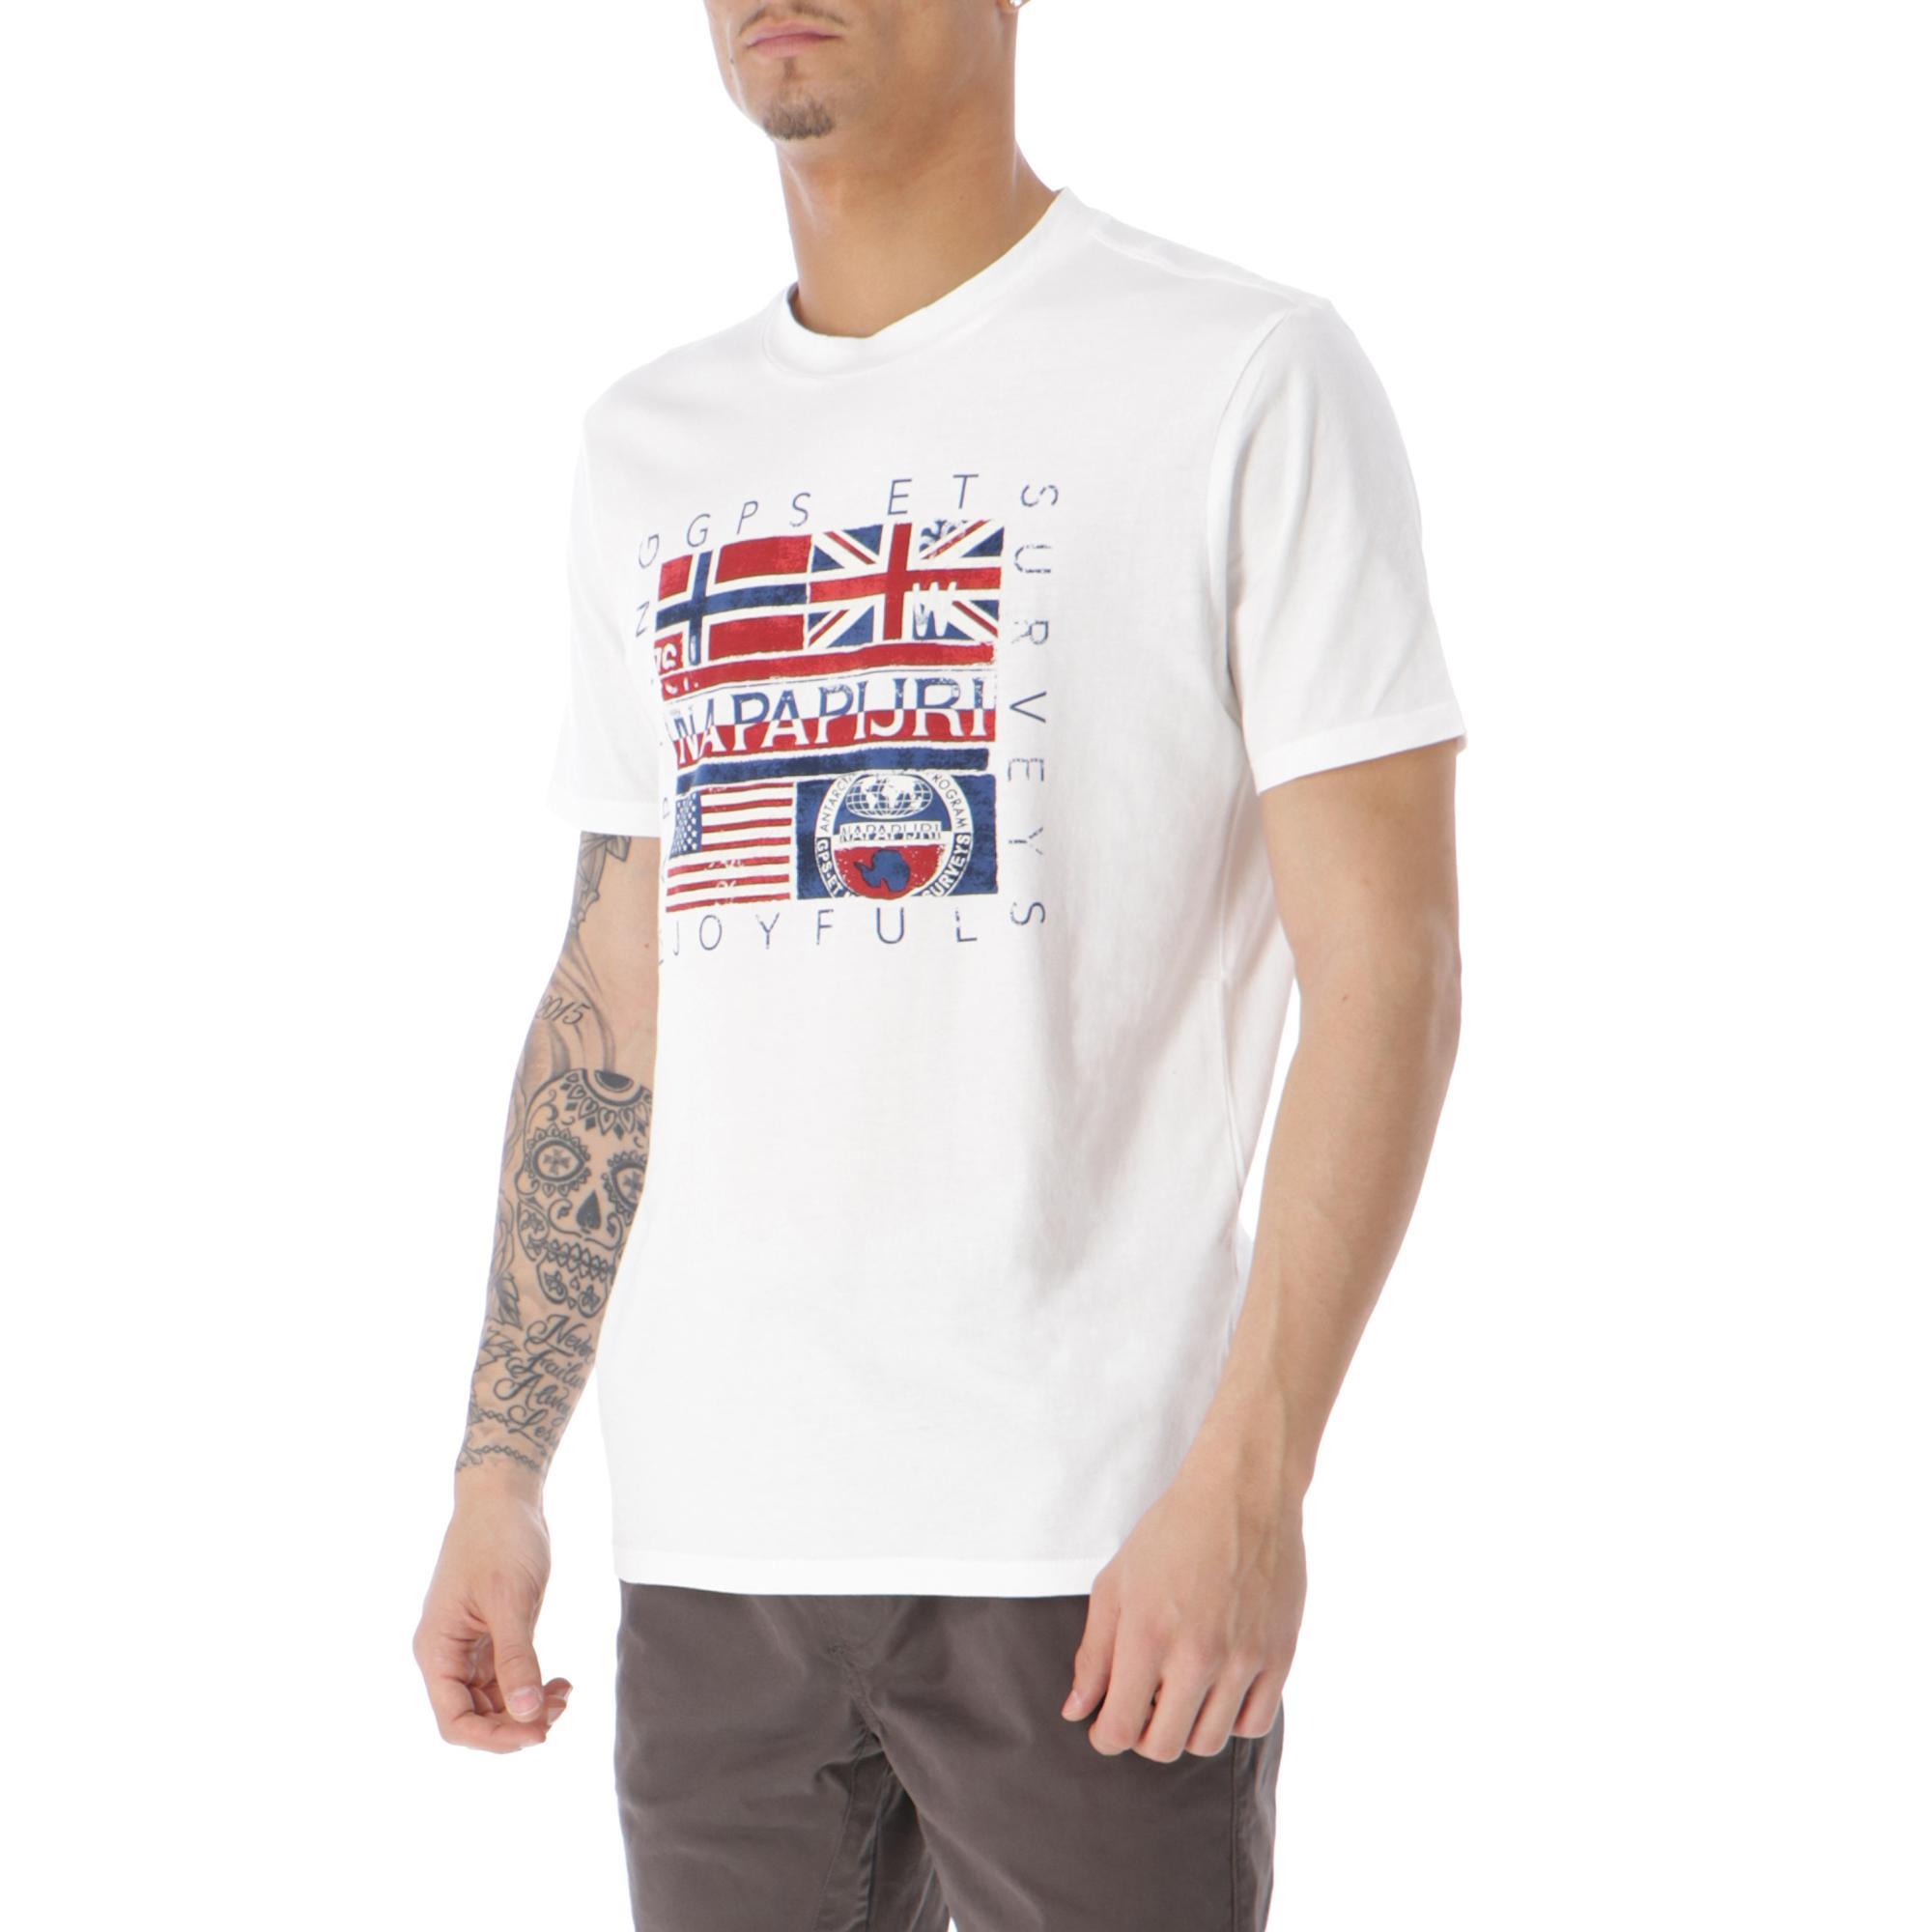 Napapijri Sachu T-shirt Bright white